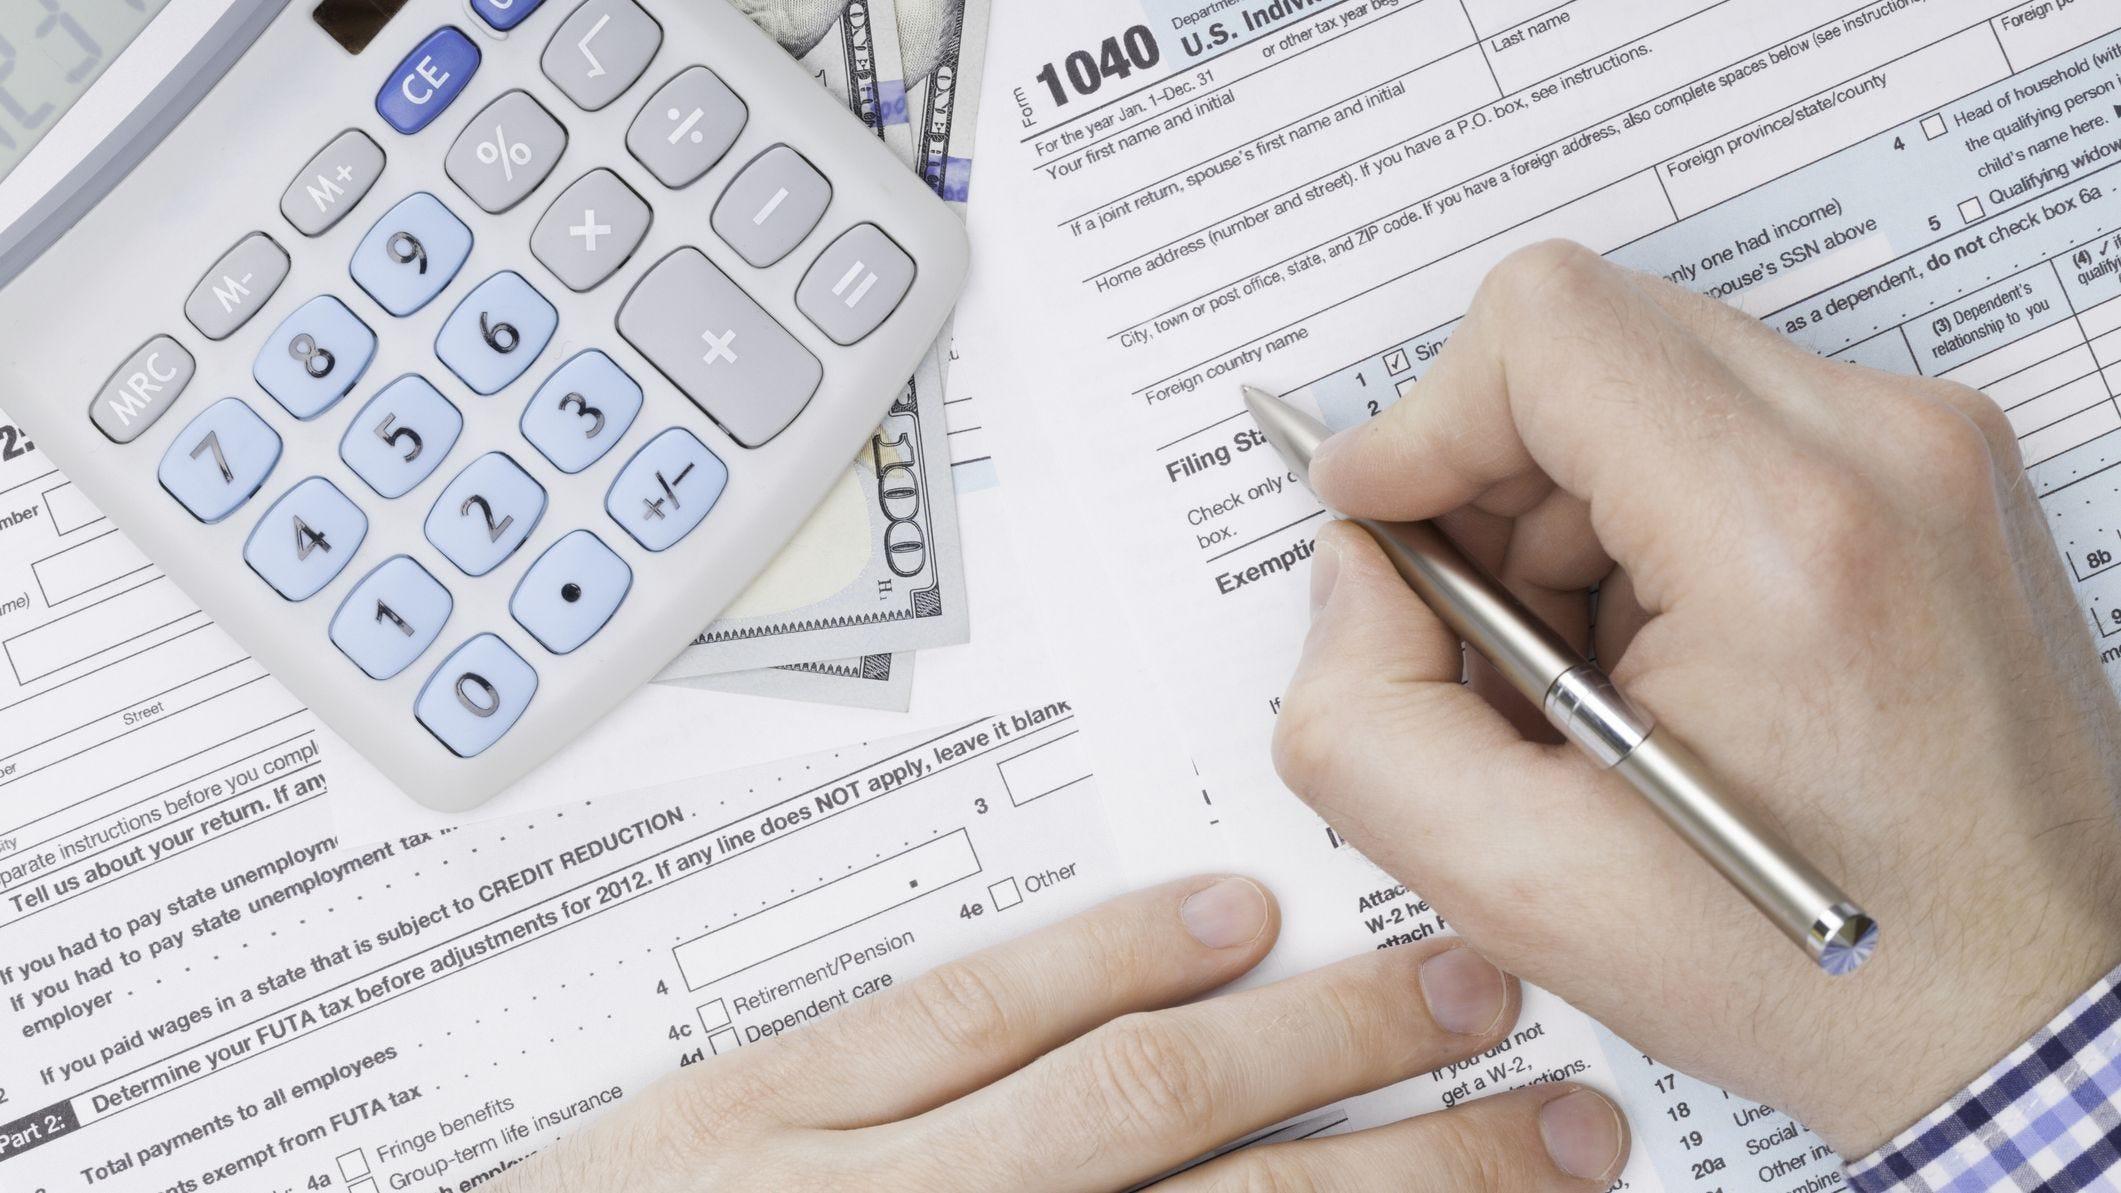 Al·legoria taxes